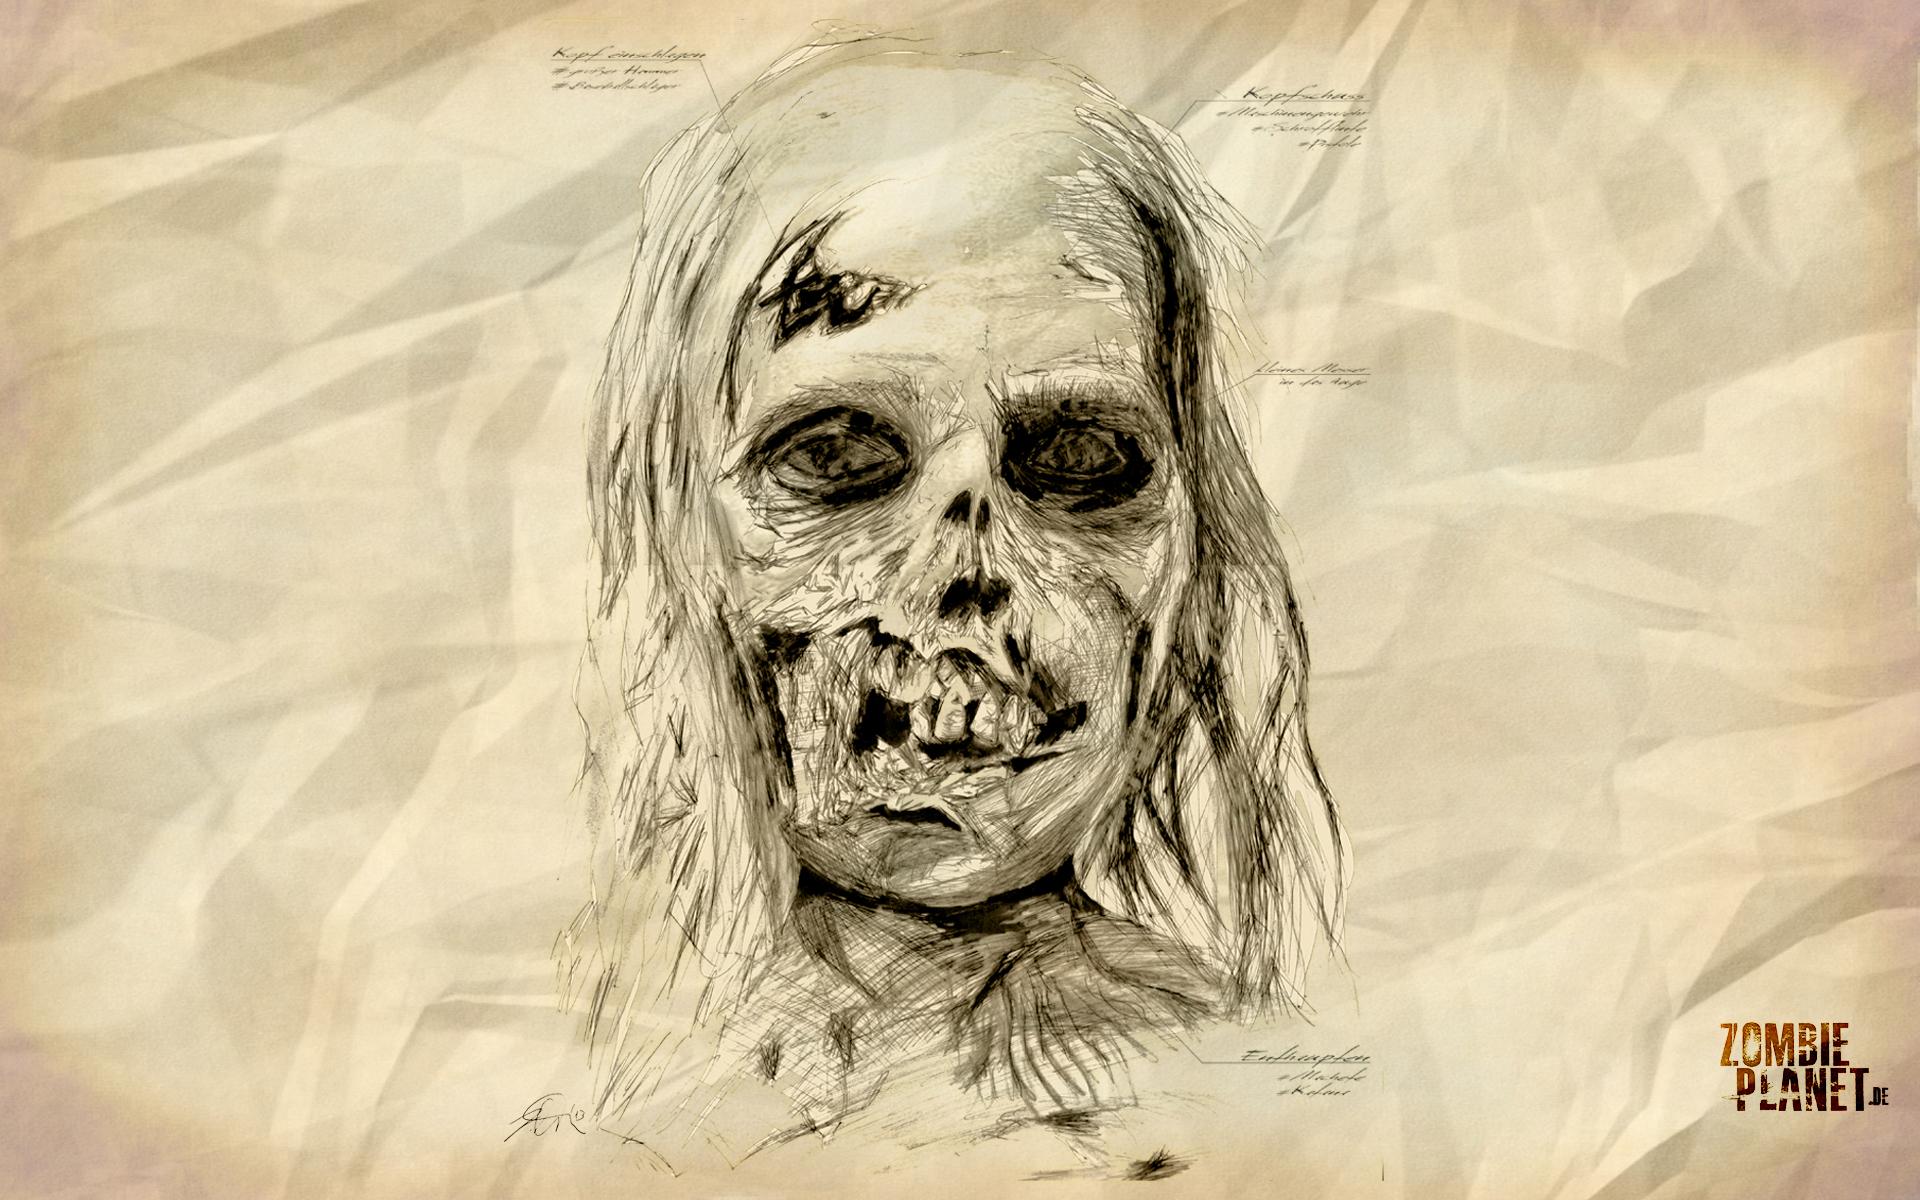 zombie wallpaper von planet - photo #2